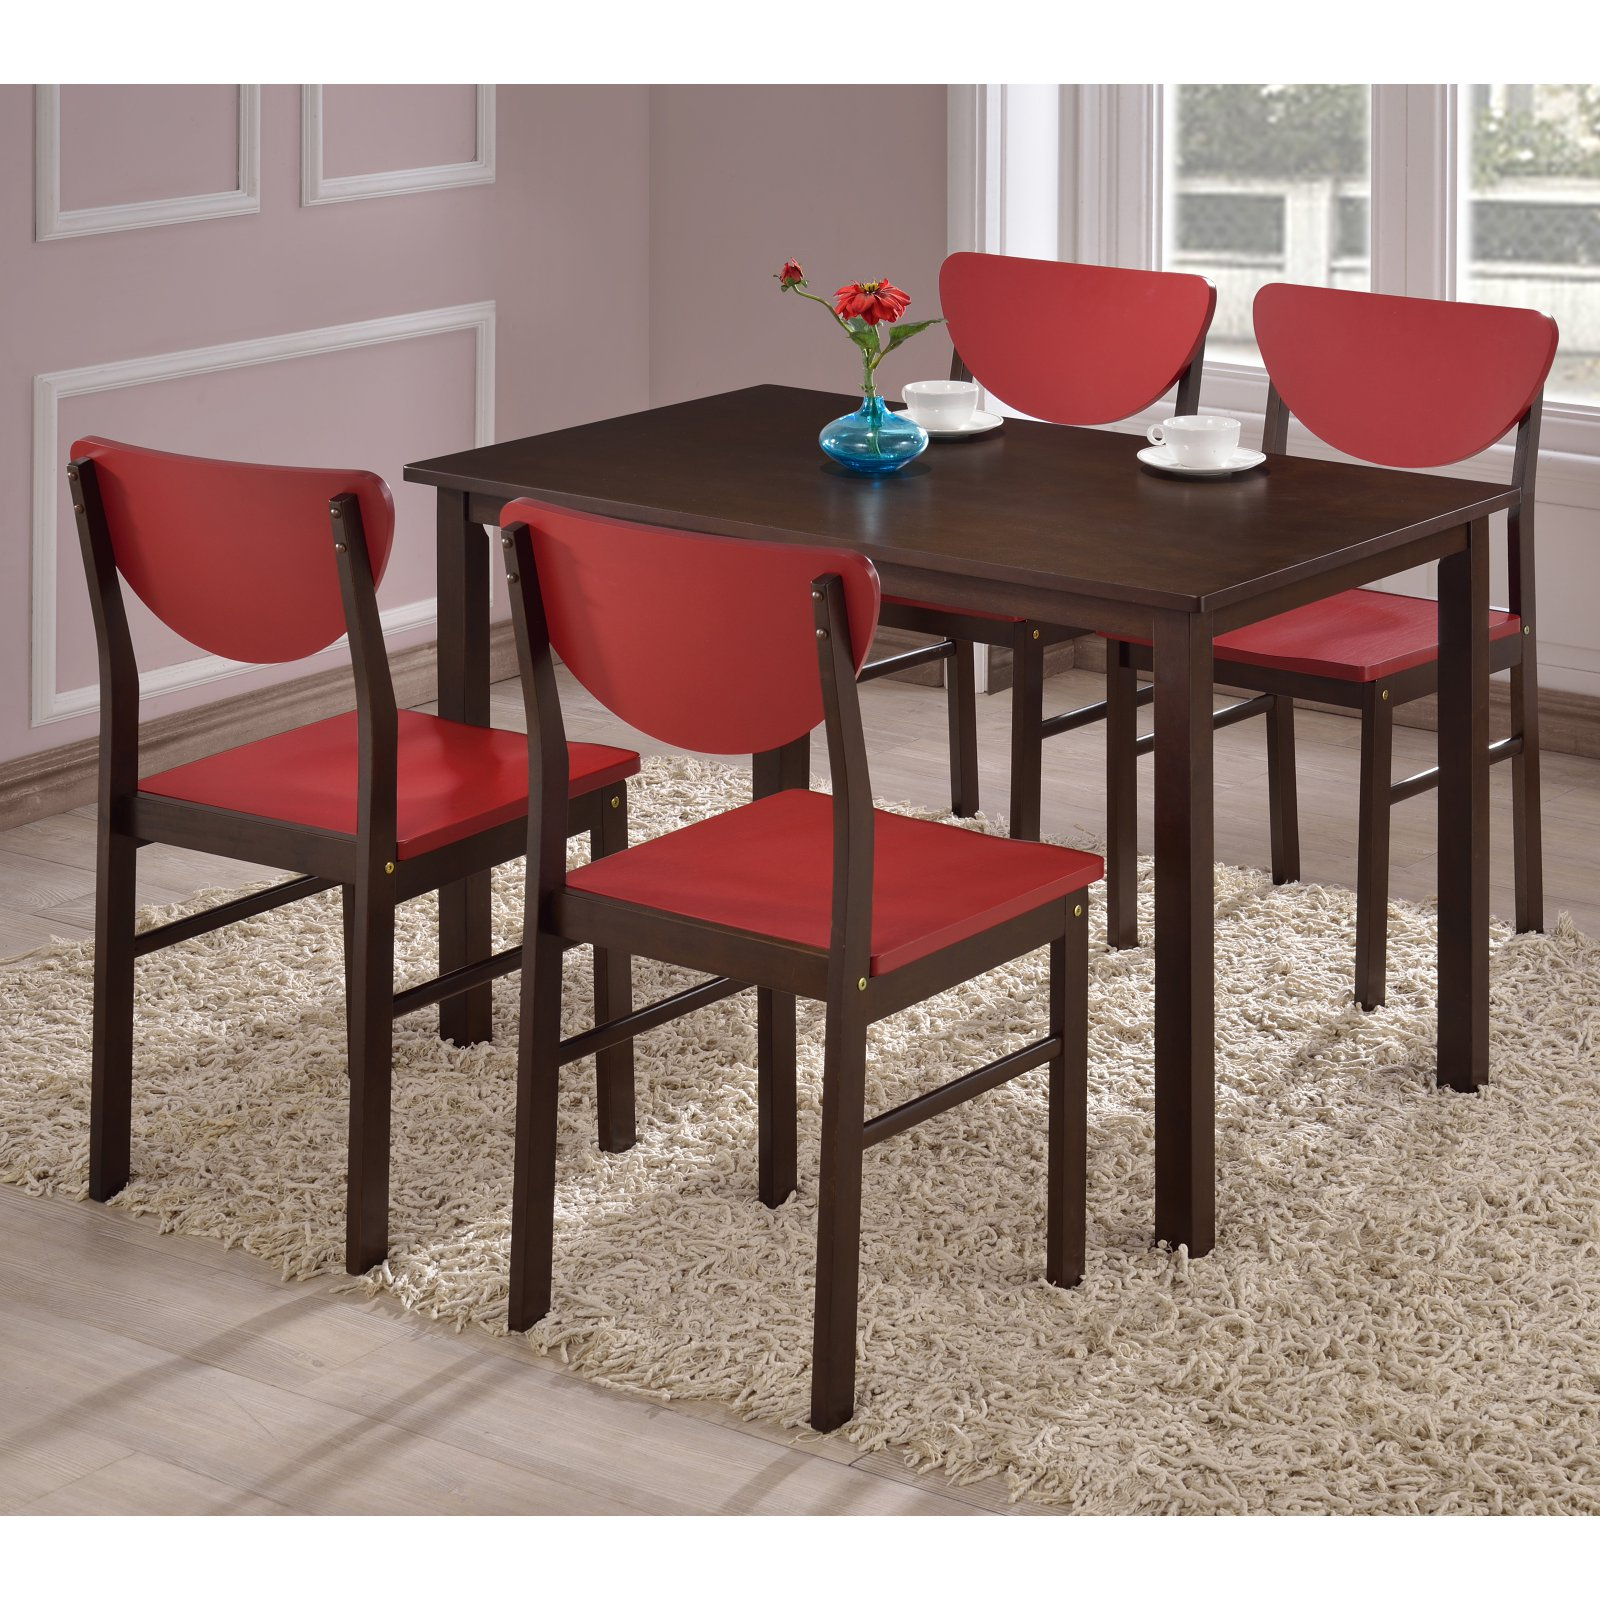 K & B Furniture Rutland Dining Table - Walnut